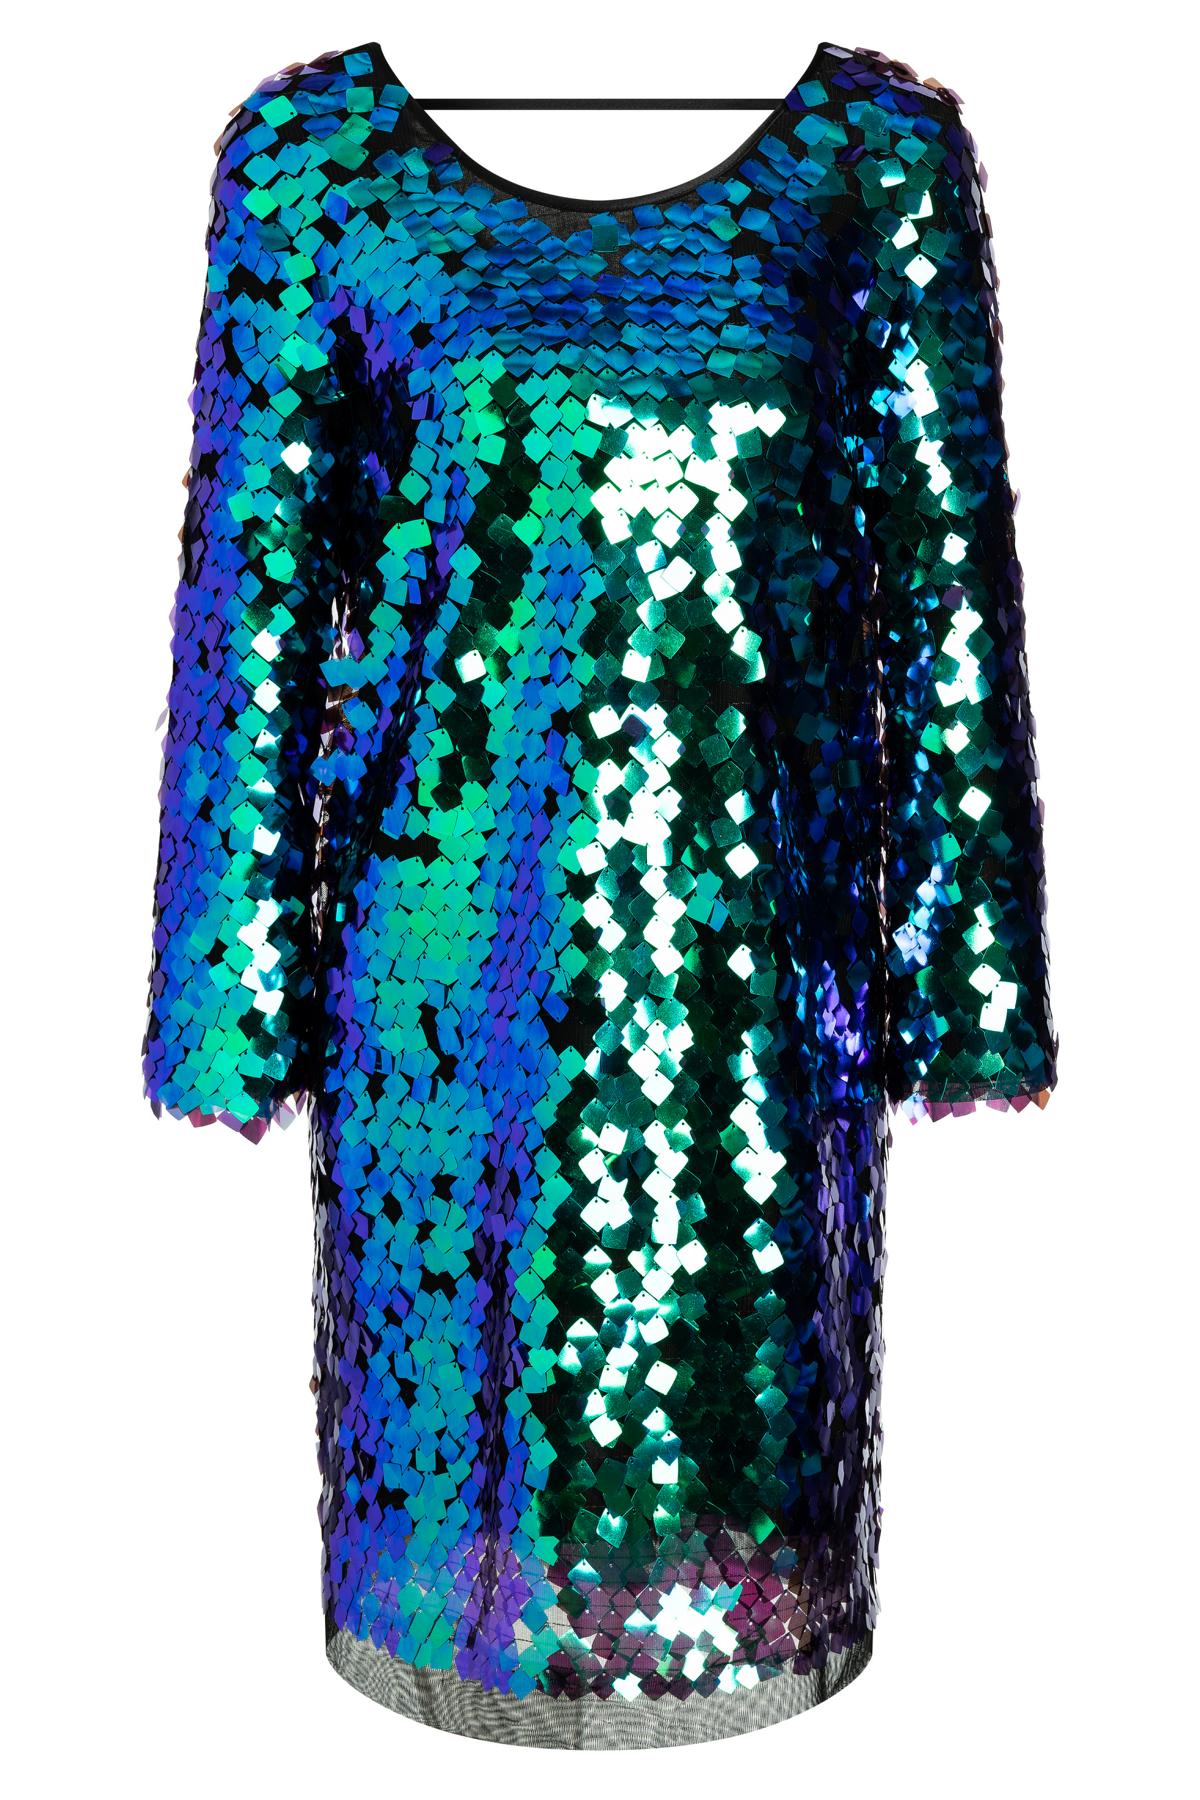 Spektakuläres Paillettenkleid Wanora in Grün & Blau  Ana Alcazar